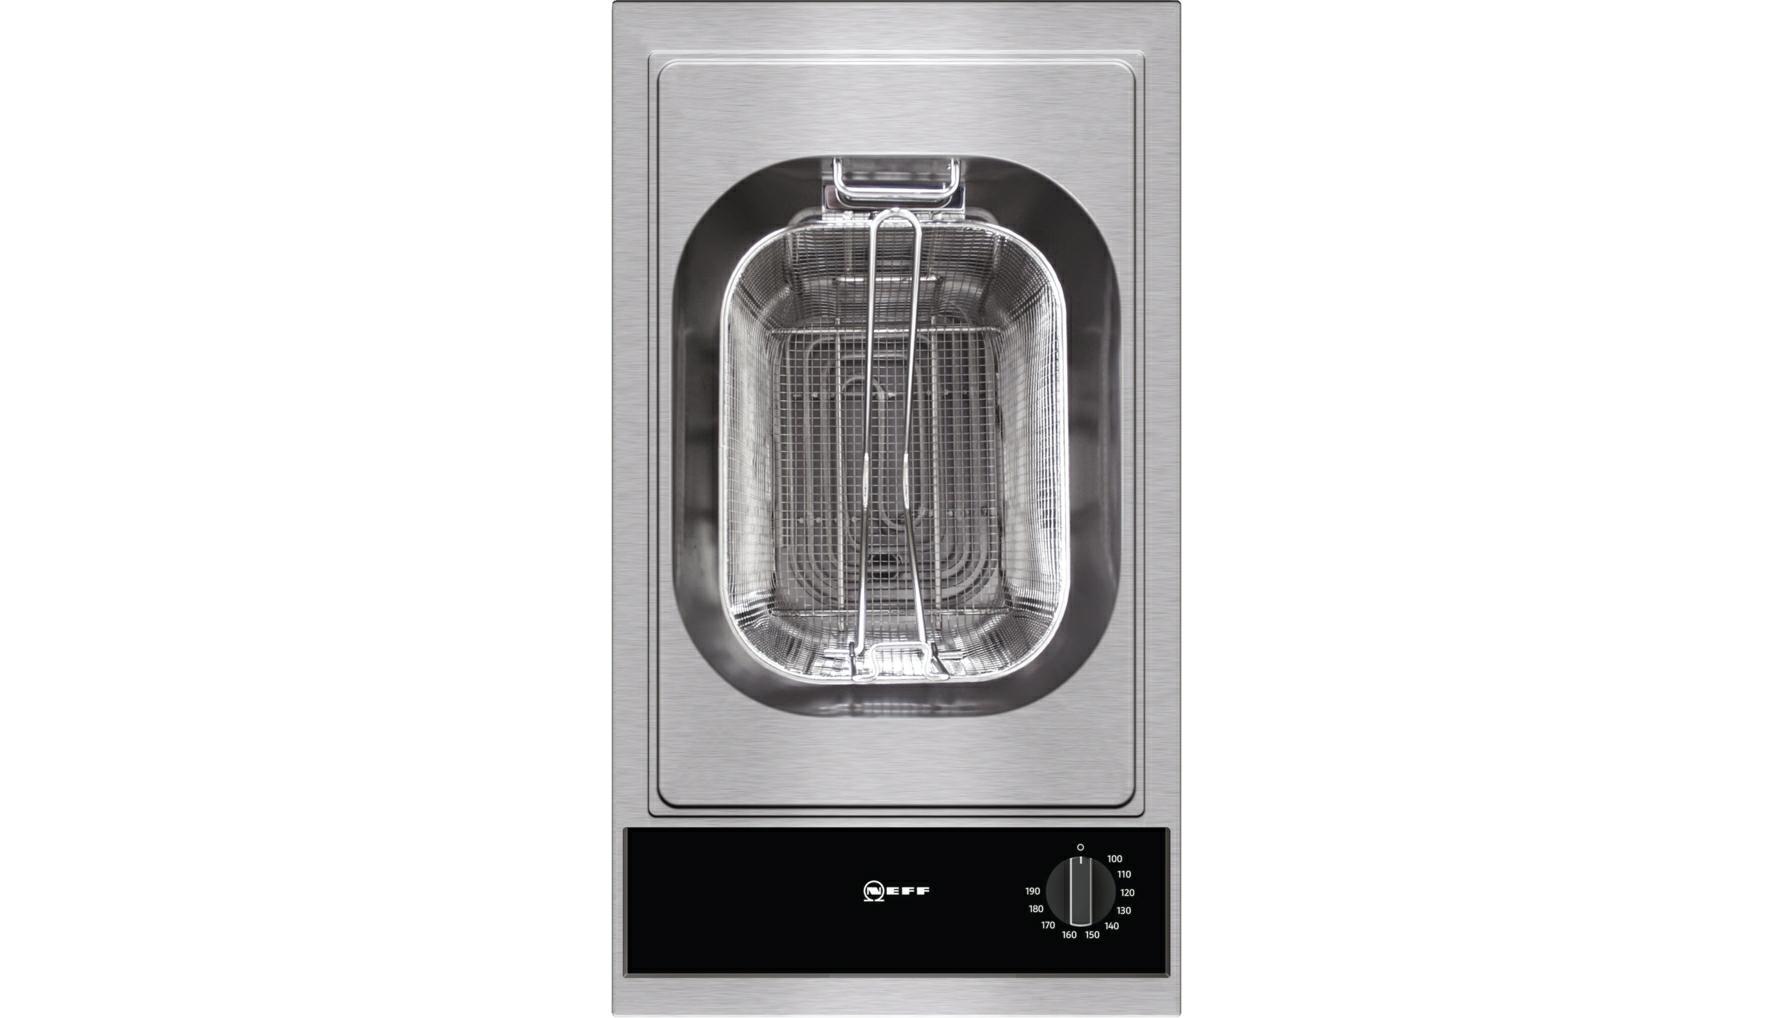 kookplaat elektrisch Neff N33TK00N0 kookplaat elektrisch